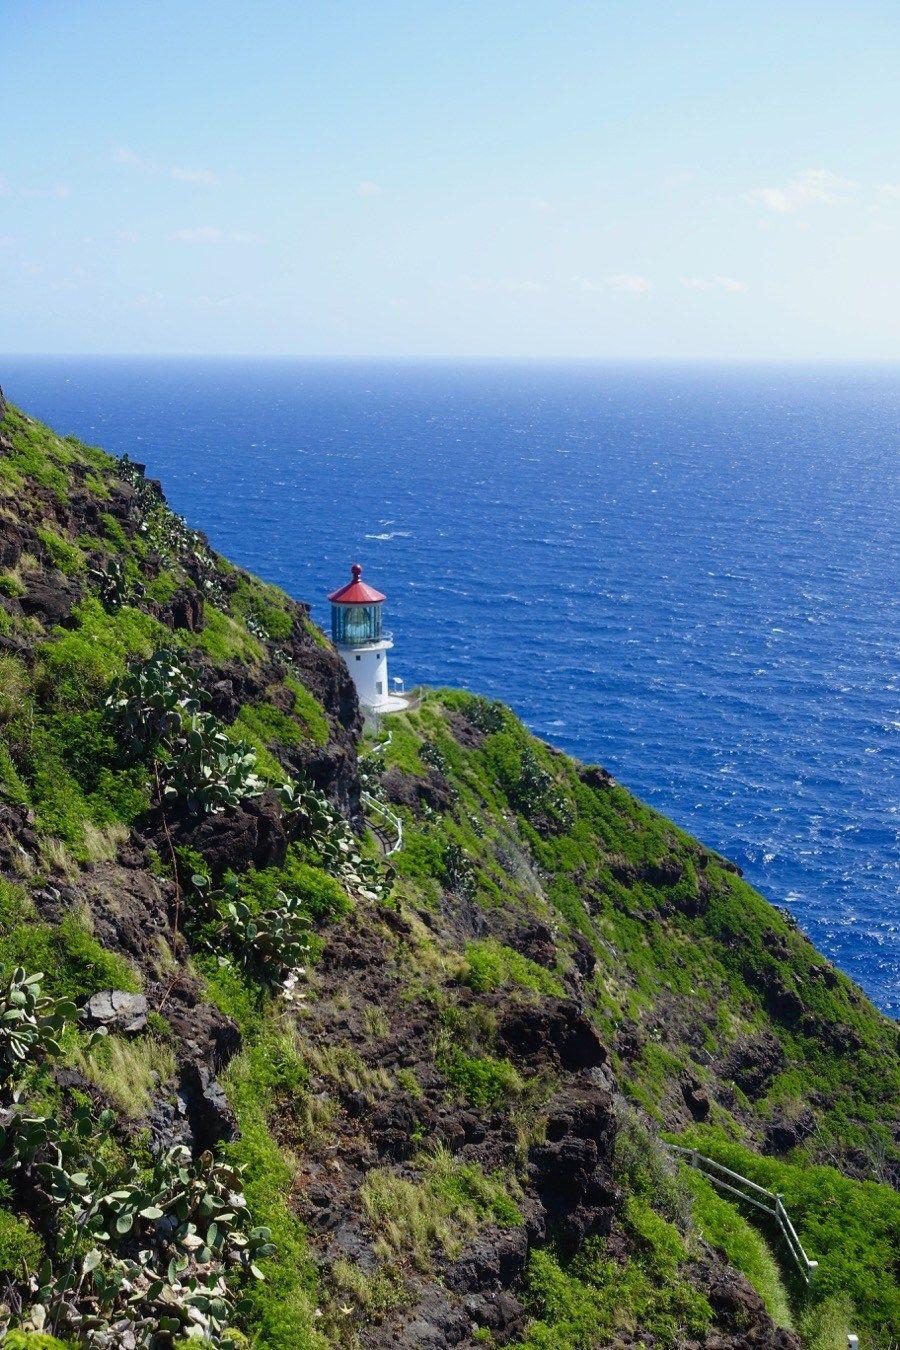 Makapu'u Lighthouse Hike and Tidepools - Oahu, Hawaii ...